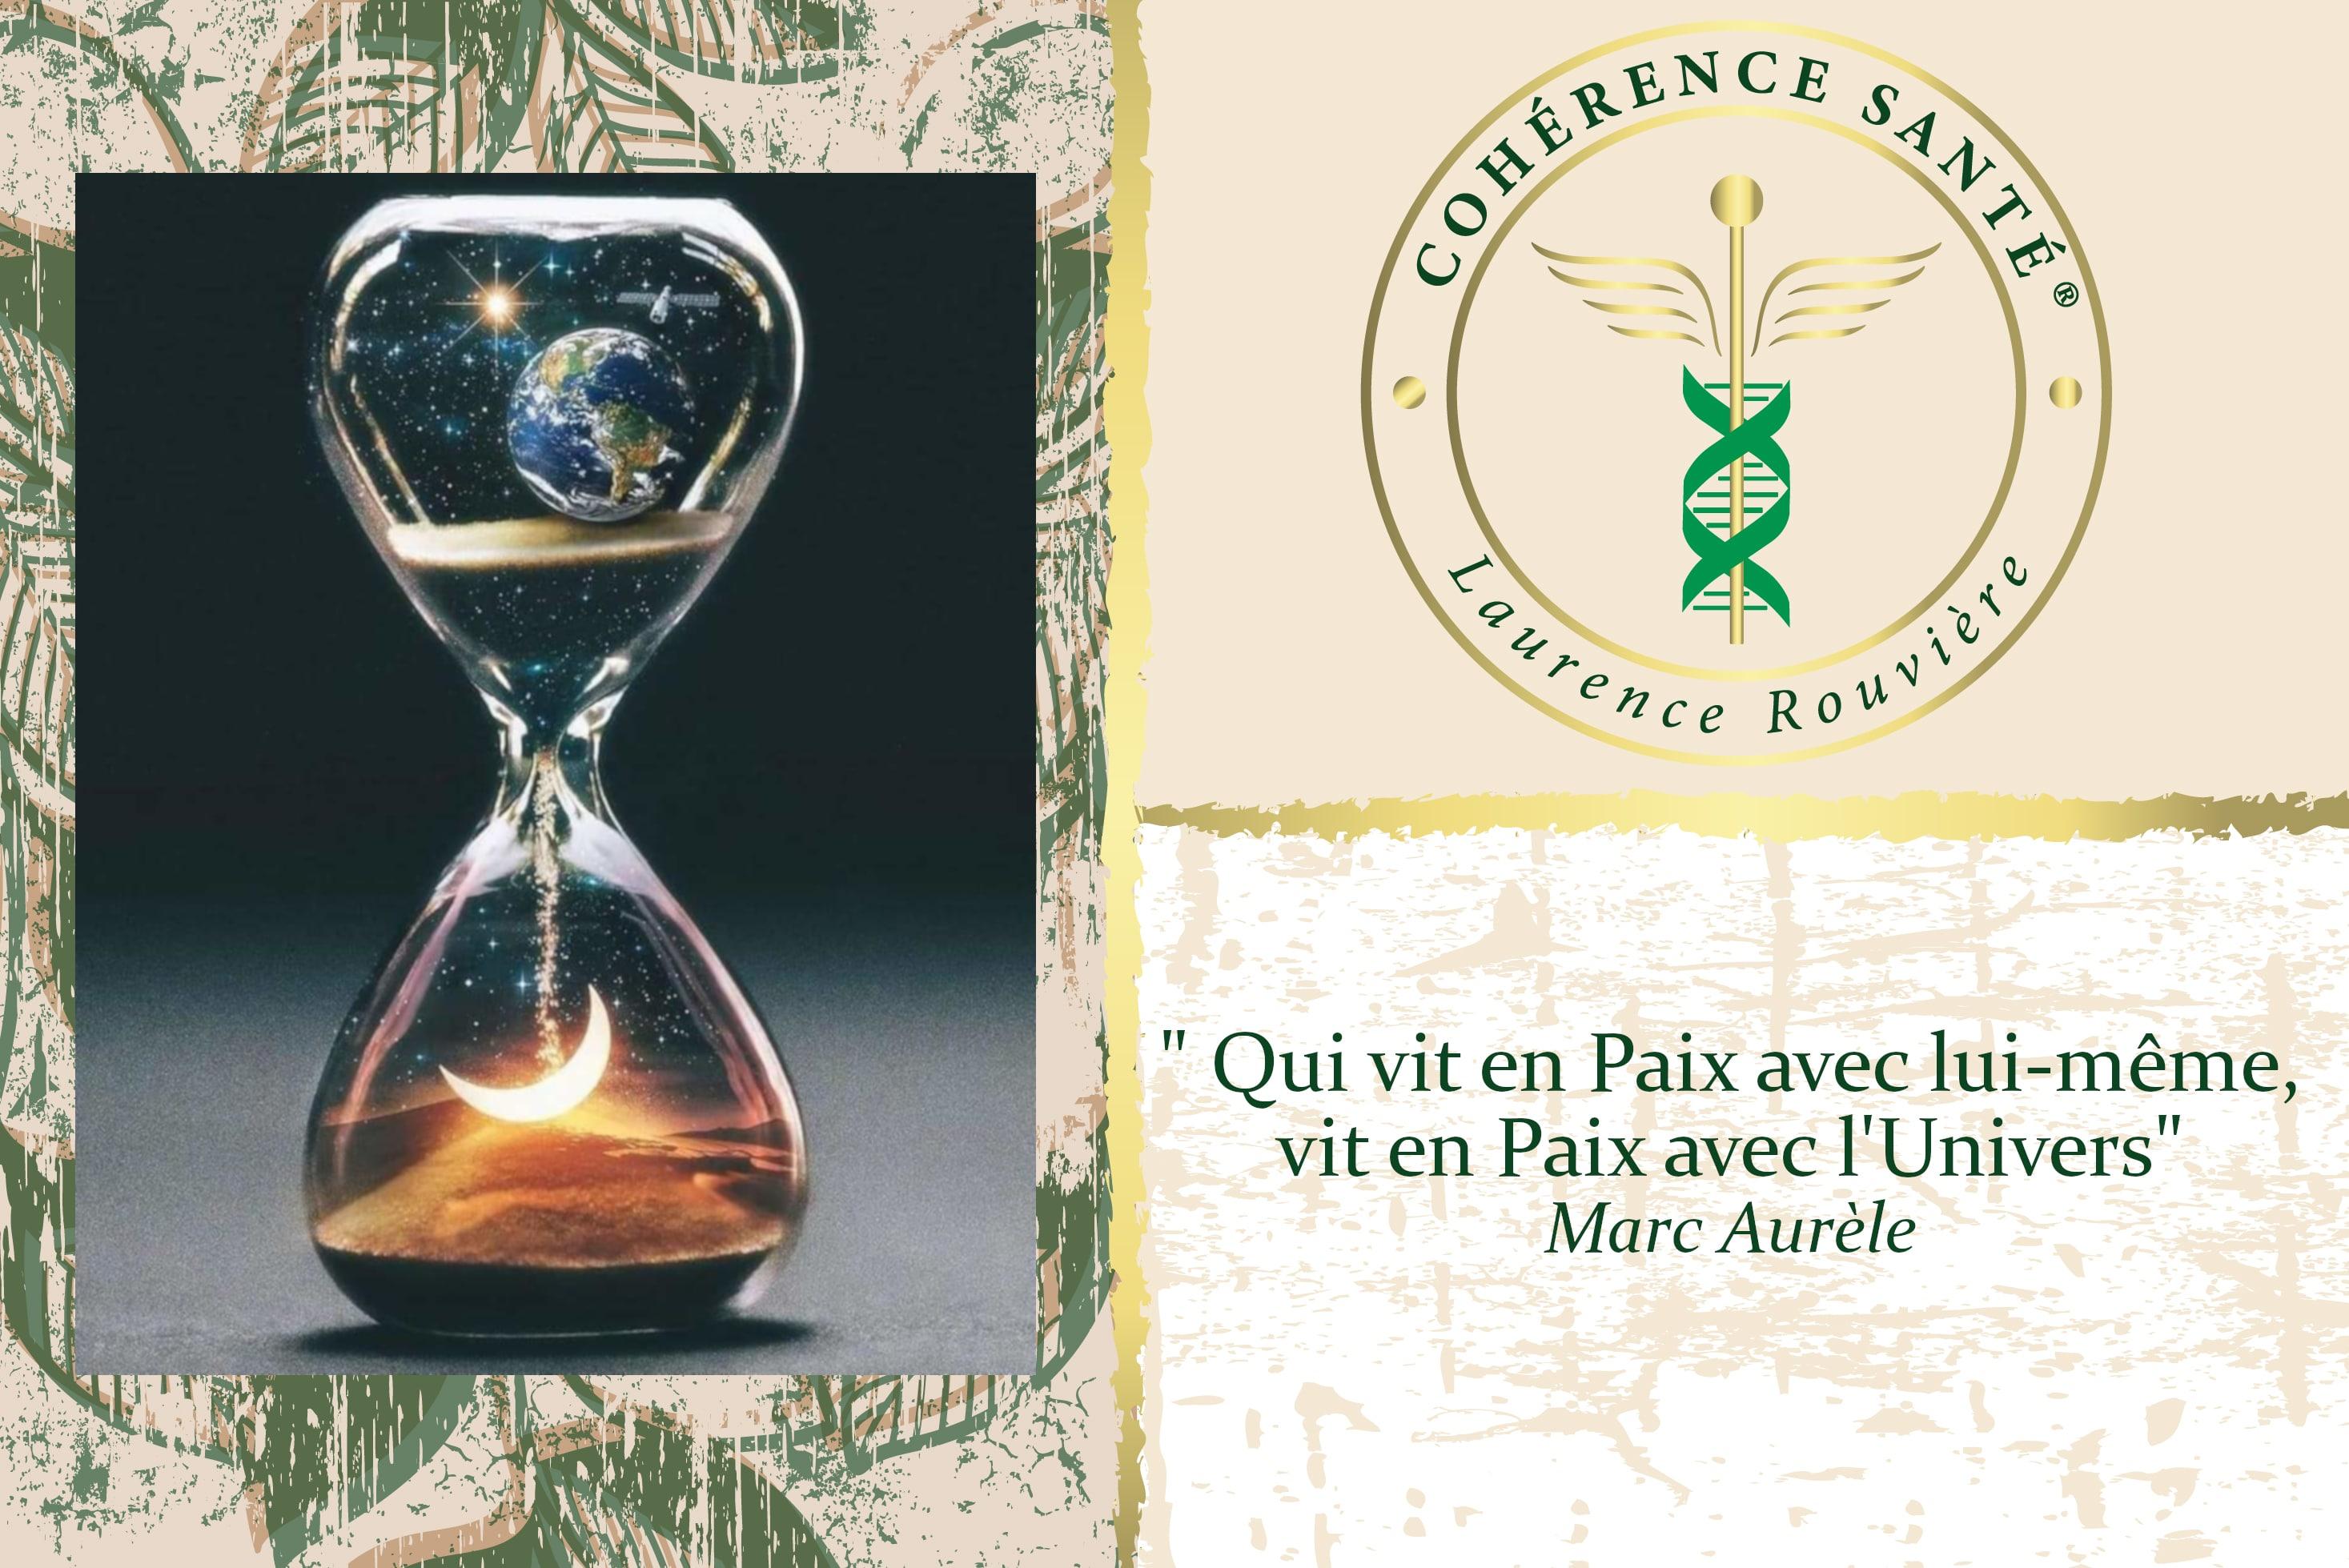 Citations Positives et Sagesse des Mots par Laurence Rouvière - Méthode Cohérence Santé